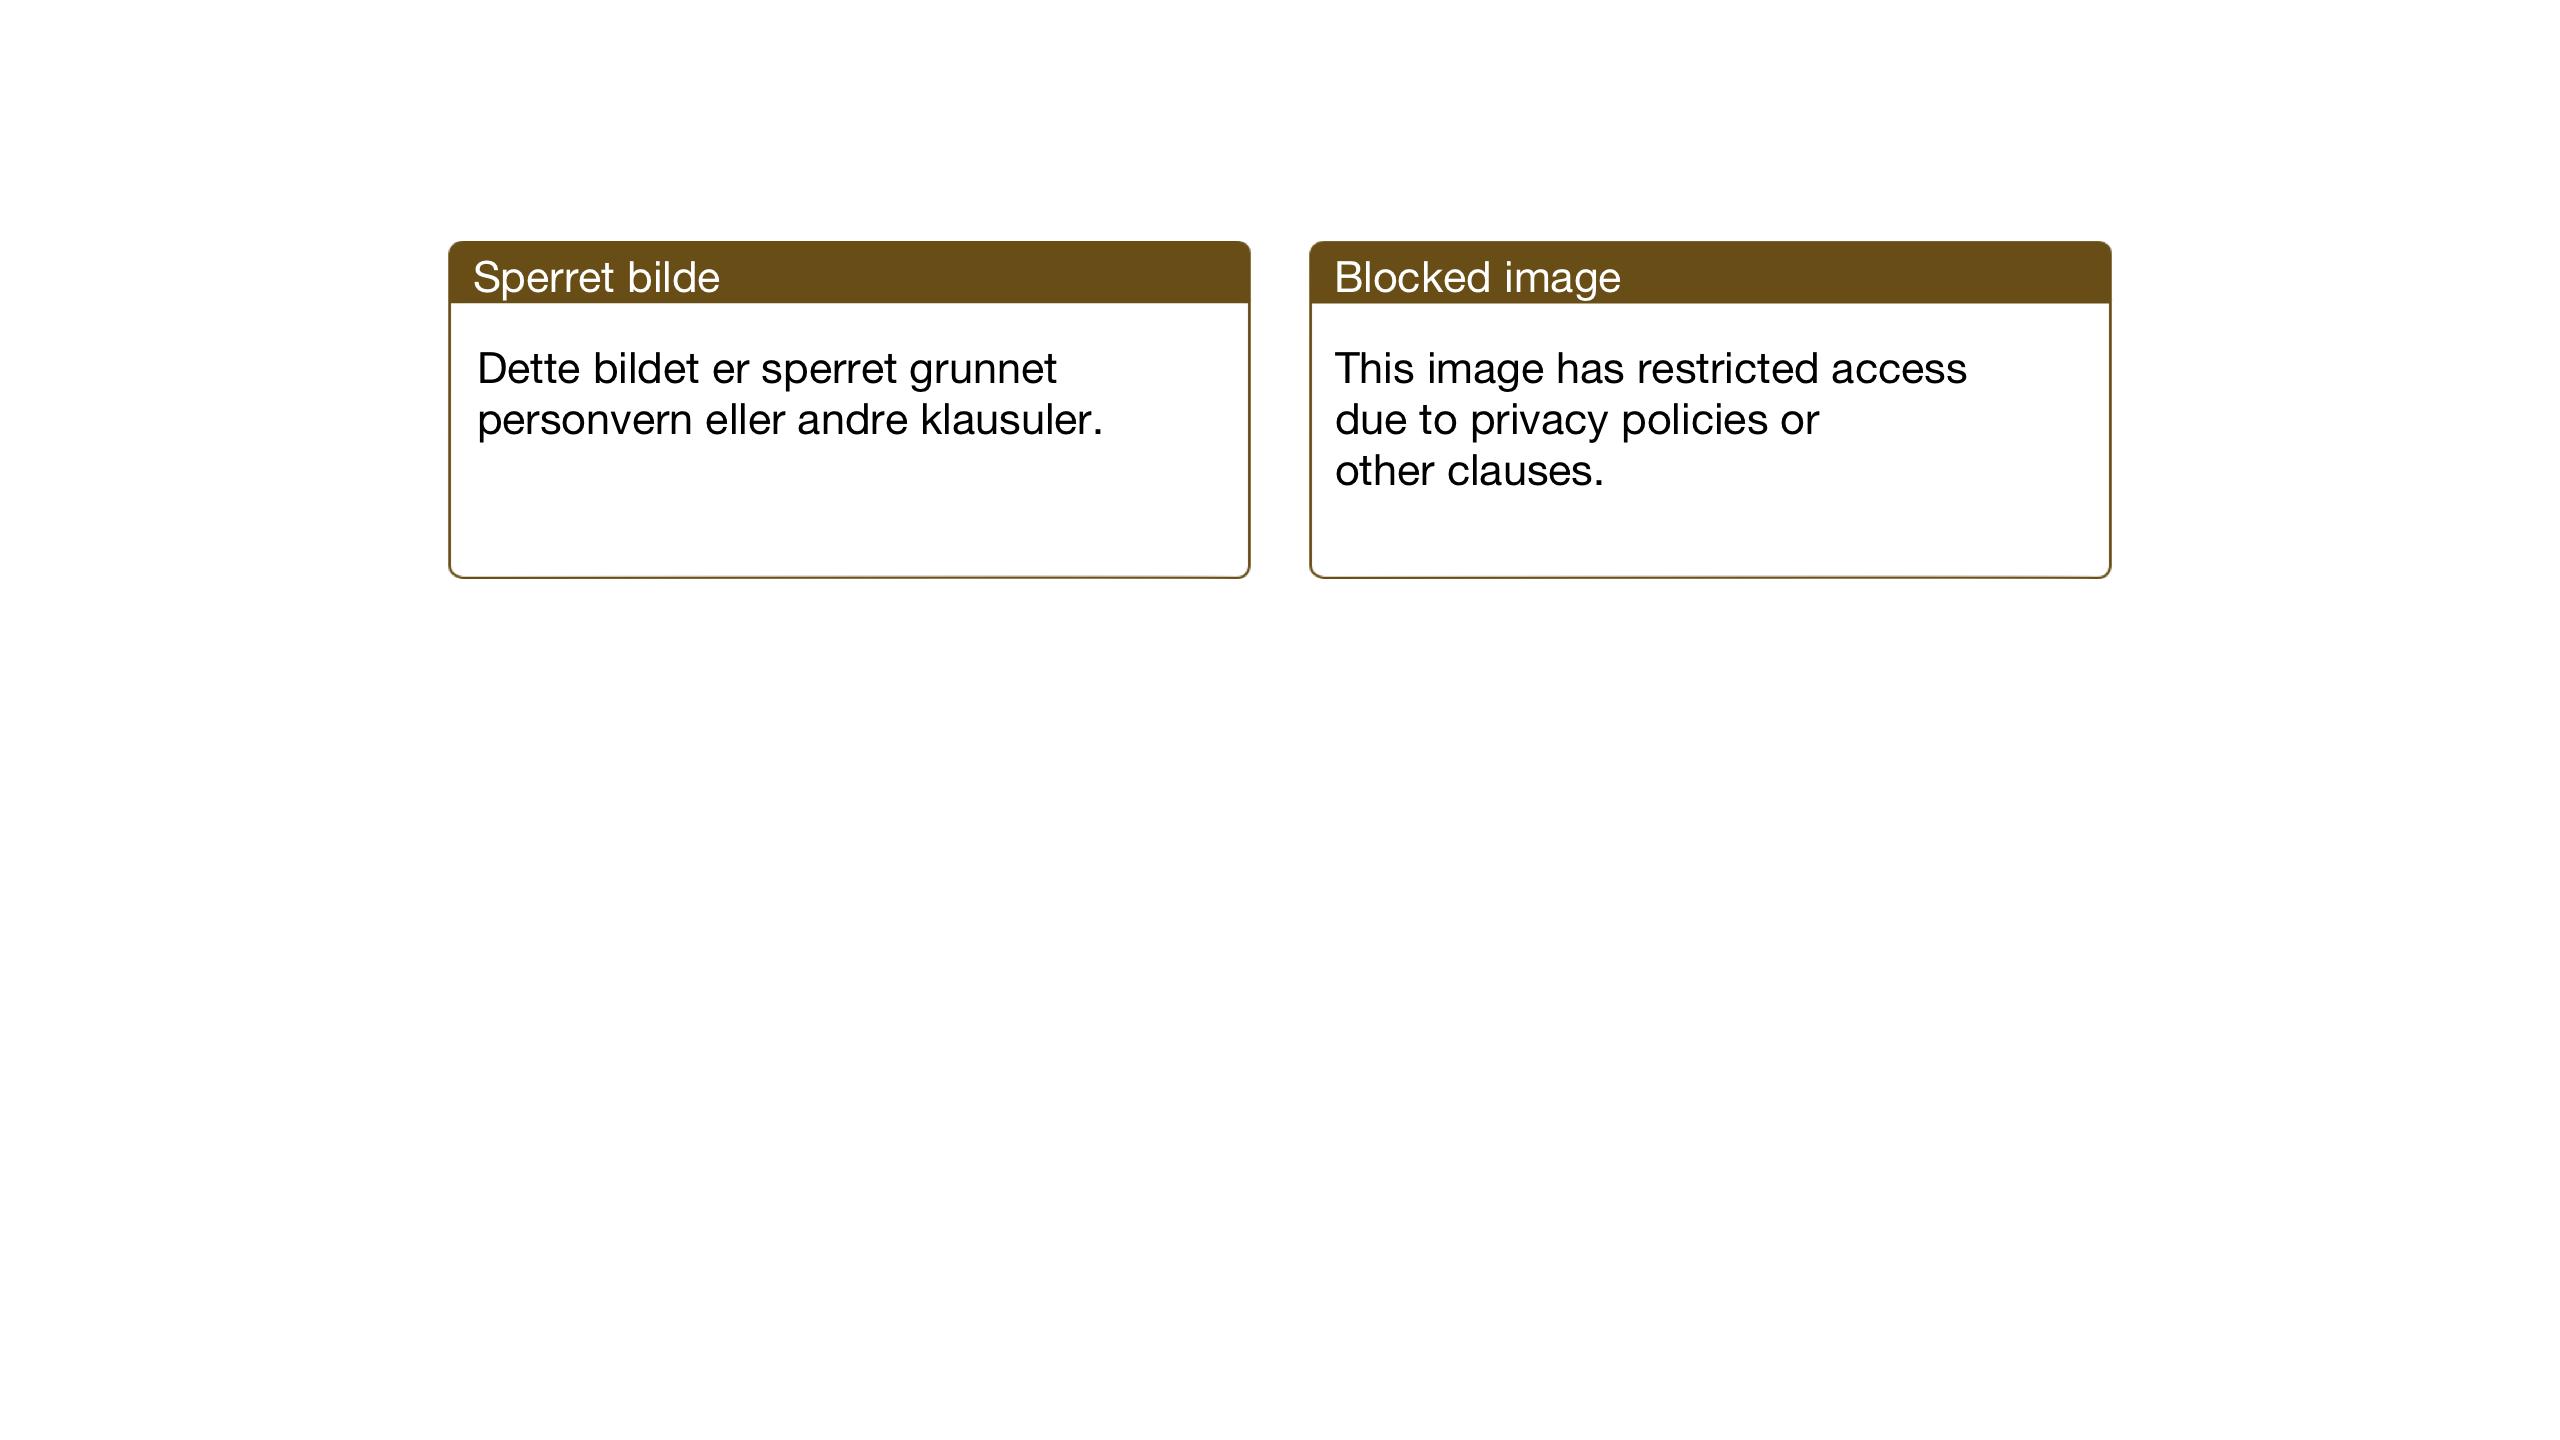 SAT, Ministerialprotokoller, klokkerbøker og fødselsregistre - Sør-Trøndelag, 681/L0943: Klokkerbok nr. 681C07, 1926-1954, s. 315